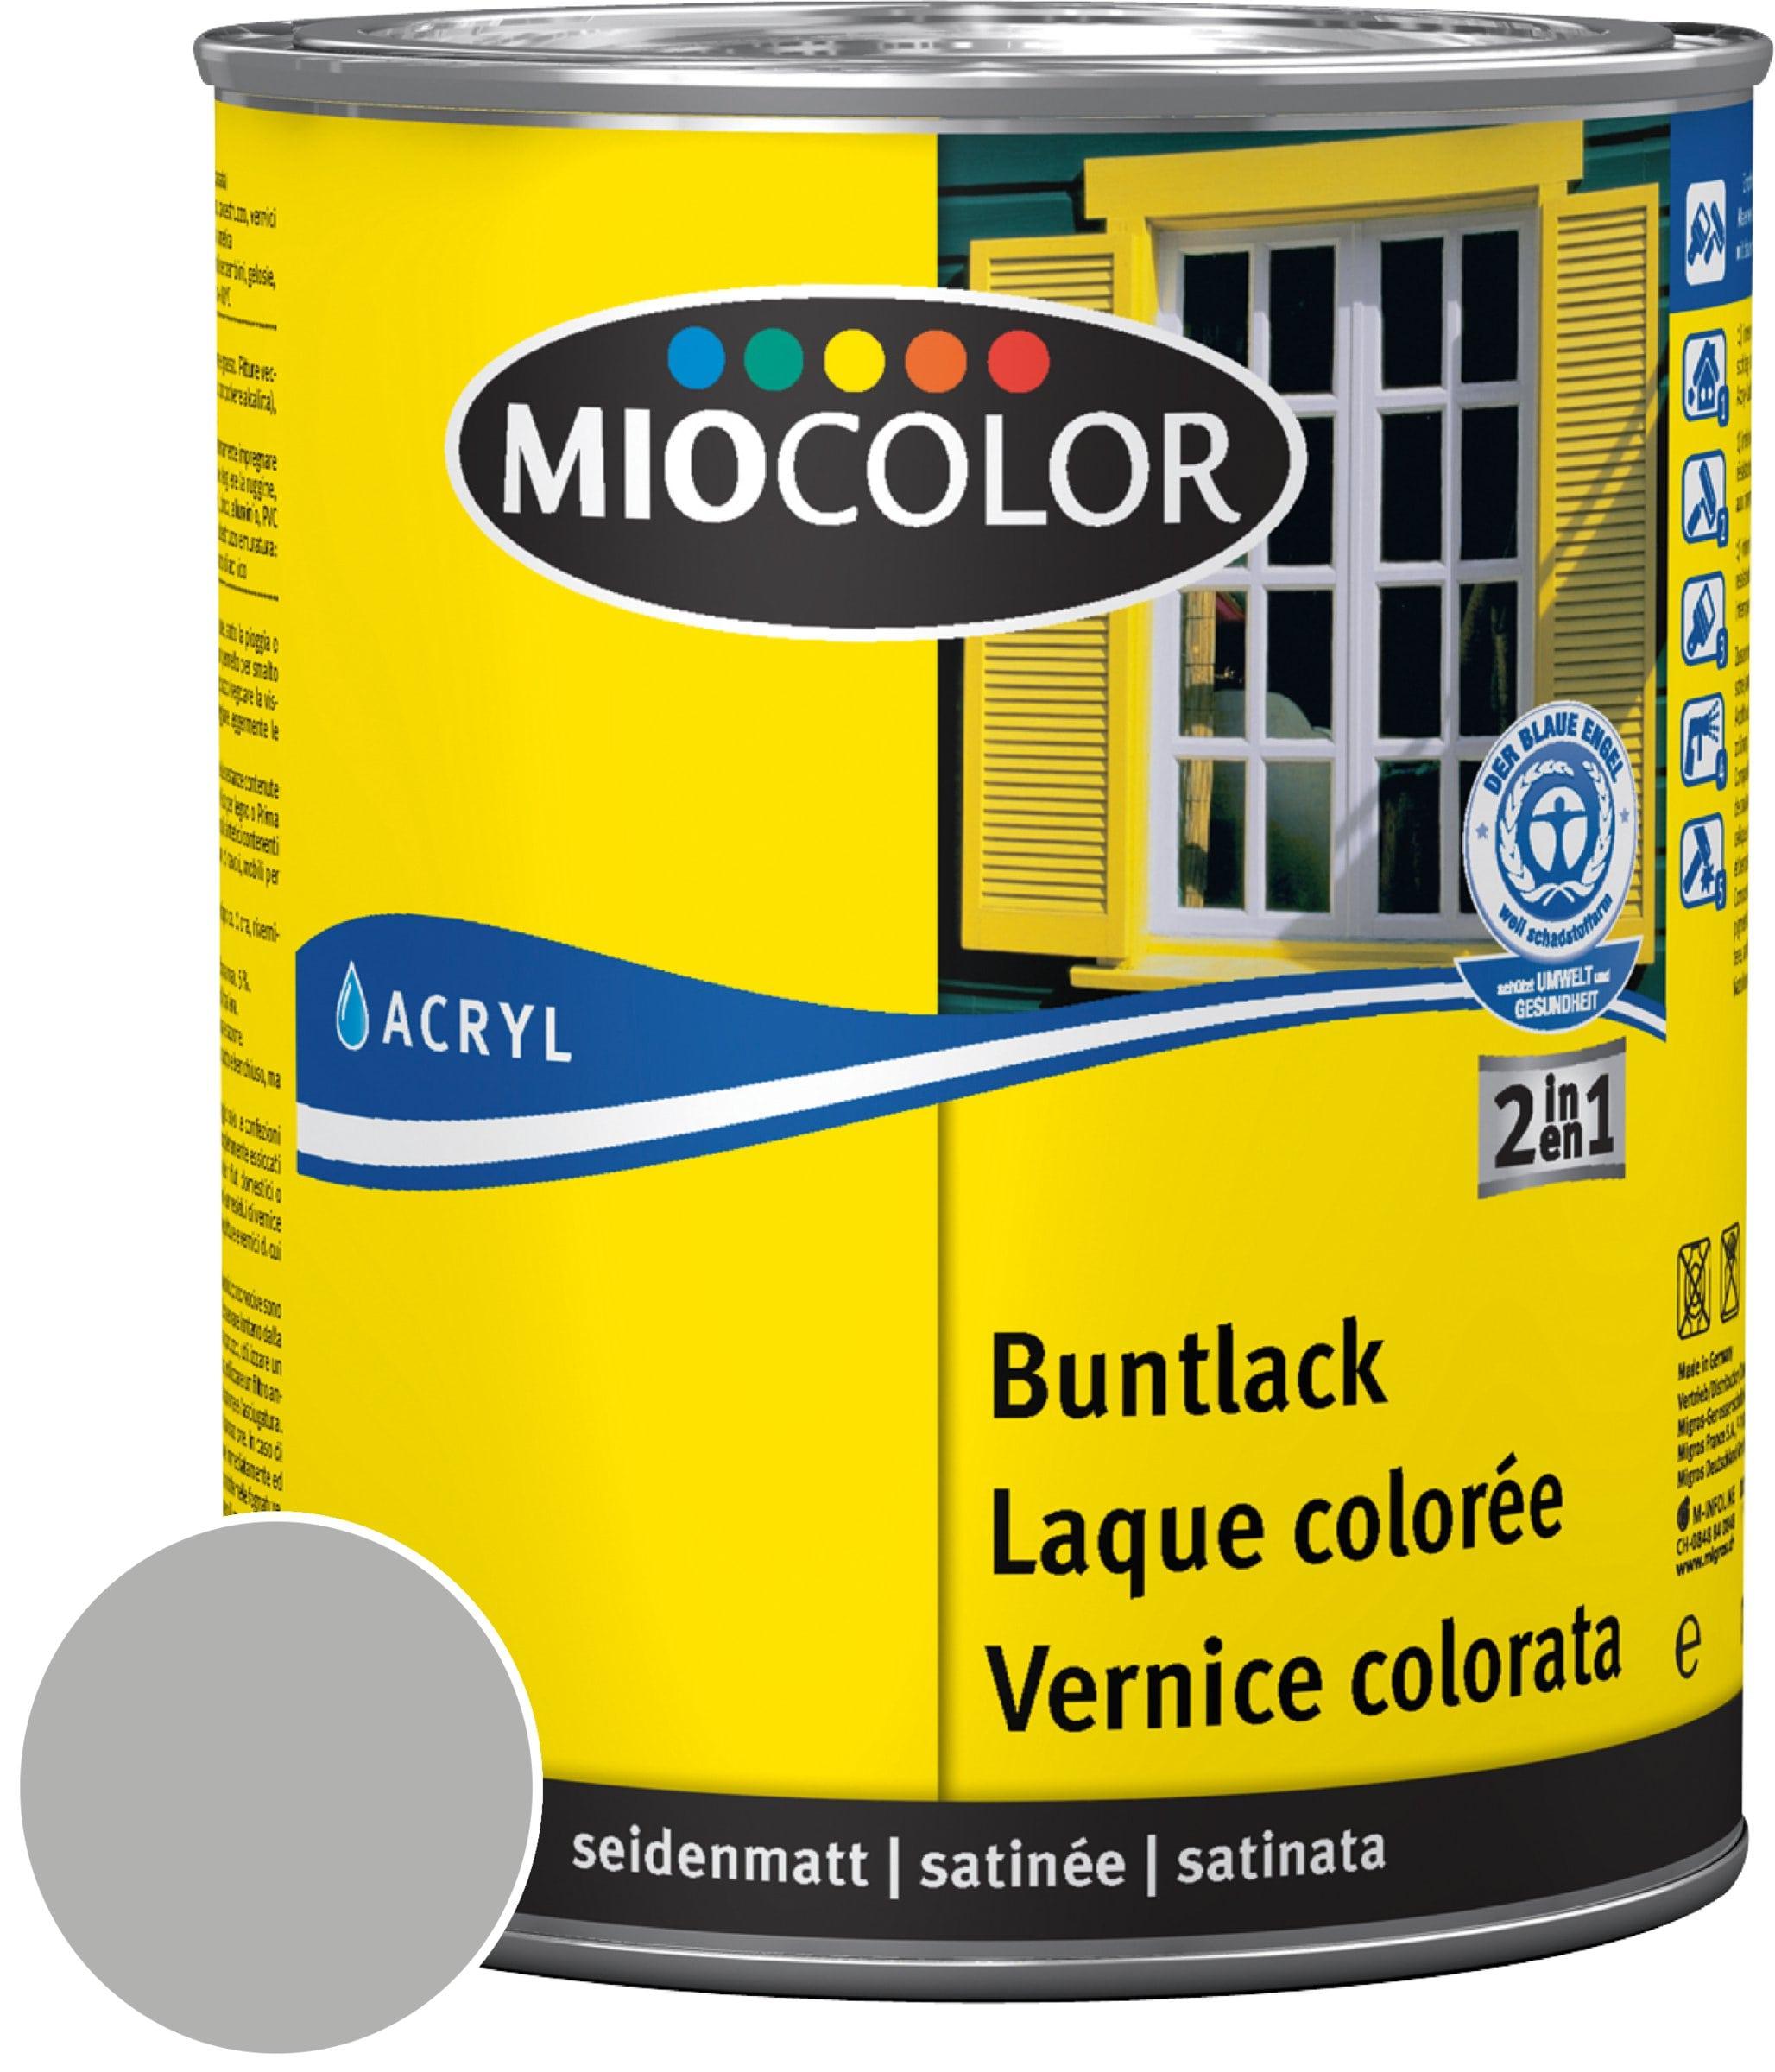 Miocolor Acryl Vernice colorata satinata Grigio Argento 125 ml